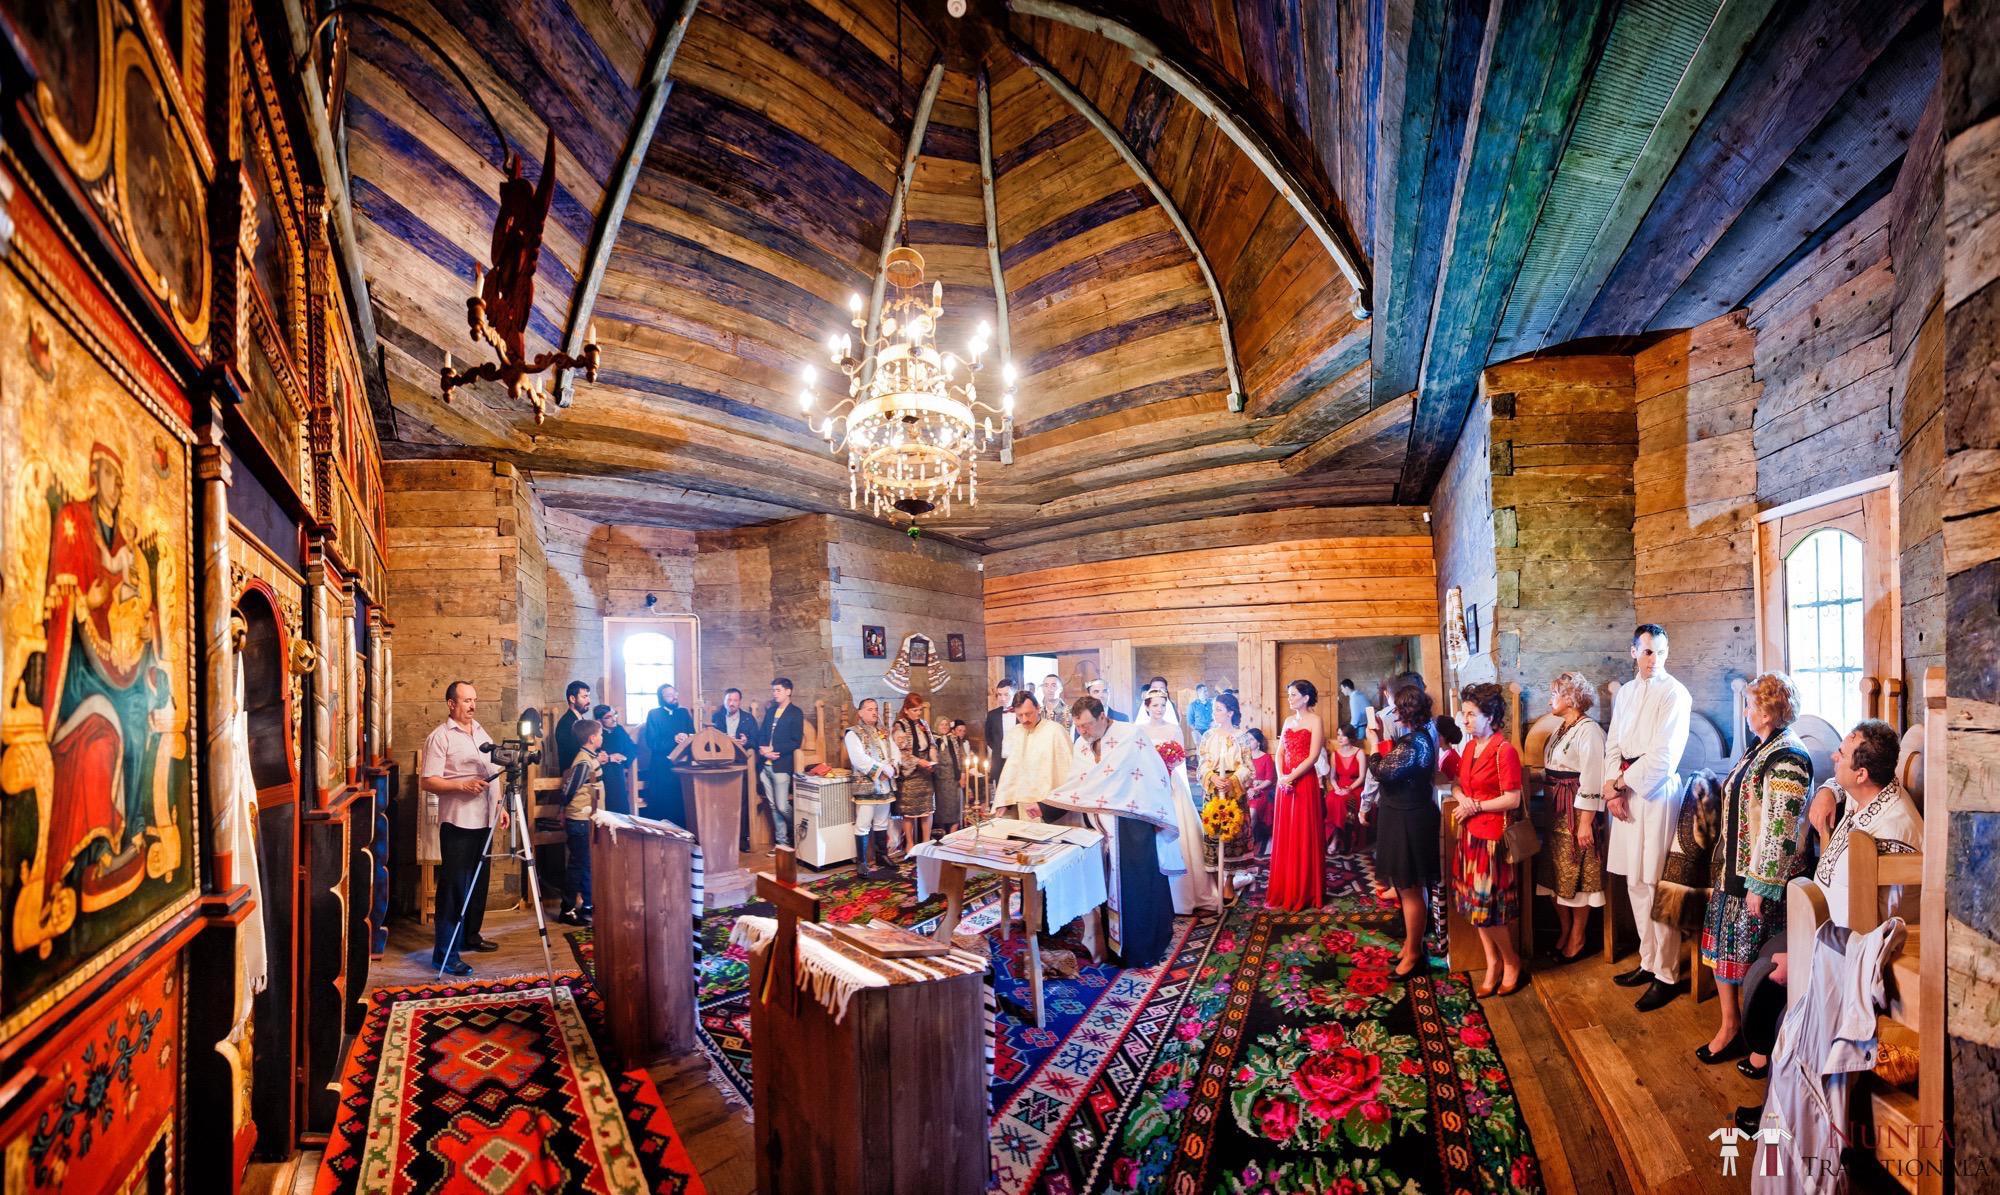 Povești Nunți Tradiționale - Gabriela și Mădălin - Nuntă Tradițională în Suceava, Bucovina 57